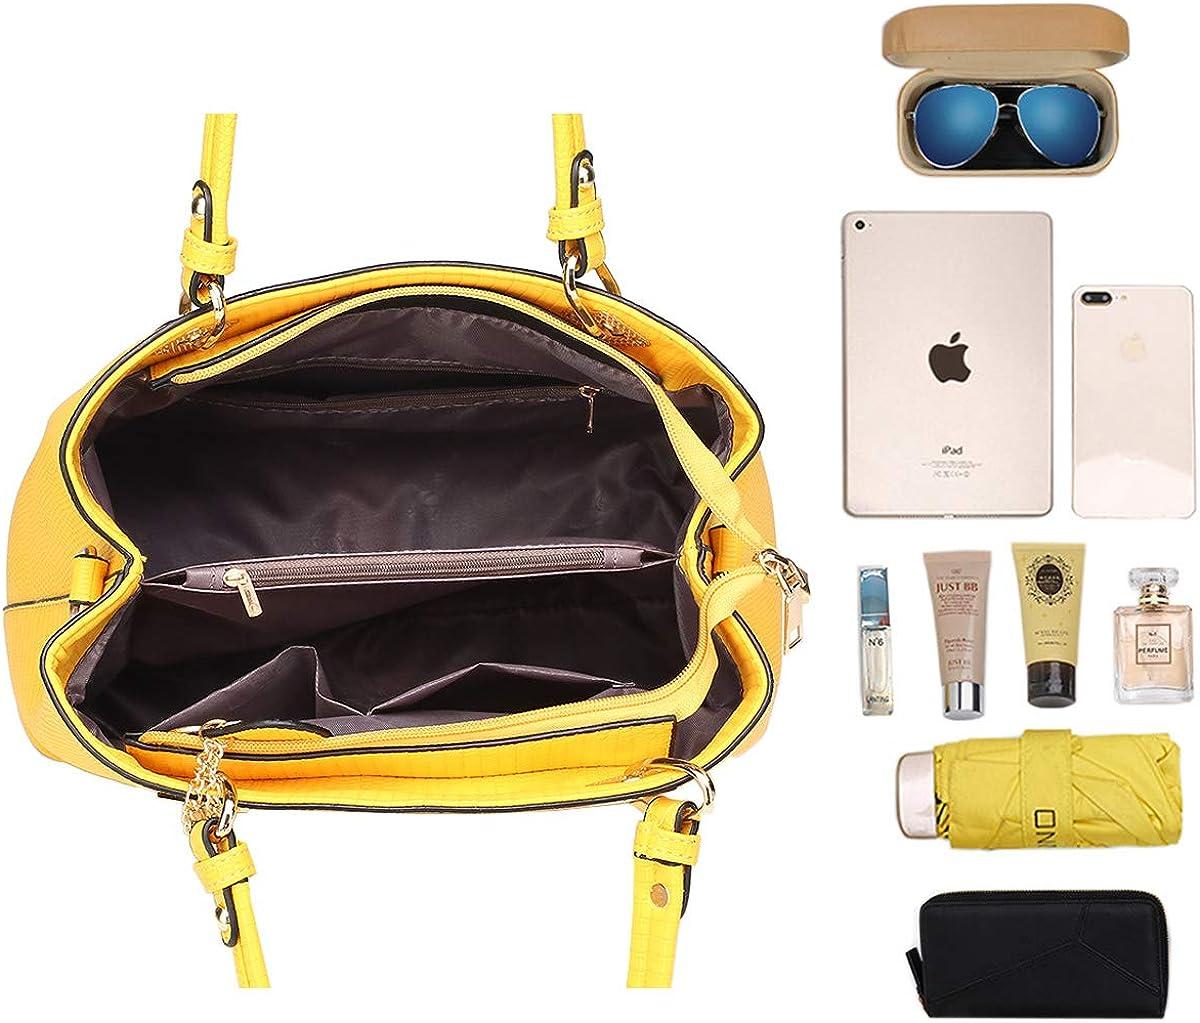 NIYUTA Bolsos de mano Mujer Bolsos bandolera Moda Bolsos totes Shoppers y bolsos de hombro 3 piezas es169